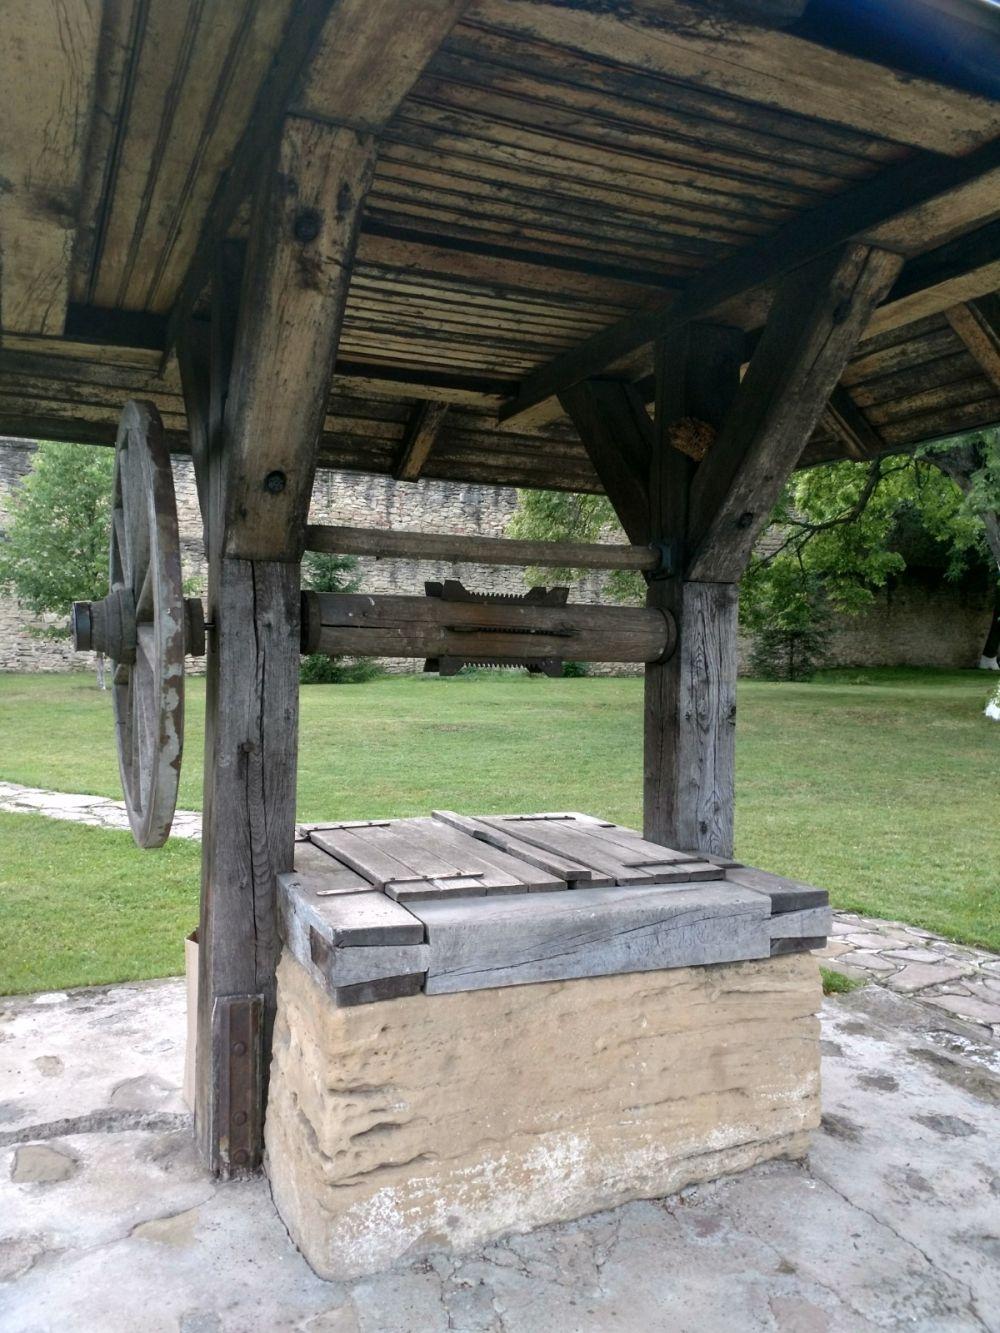 adelaparvu.com despre detalii arhitecturale de pe Valea Somuzului, Romania, Text arh Bogdan Balaban, Foto Bogdan Balaban (18)